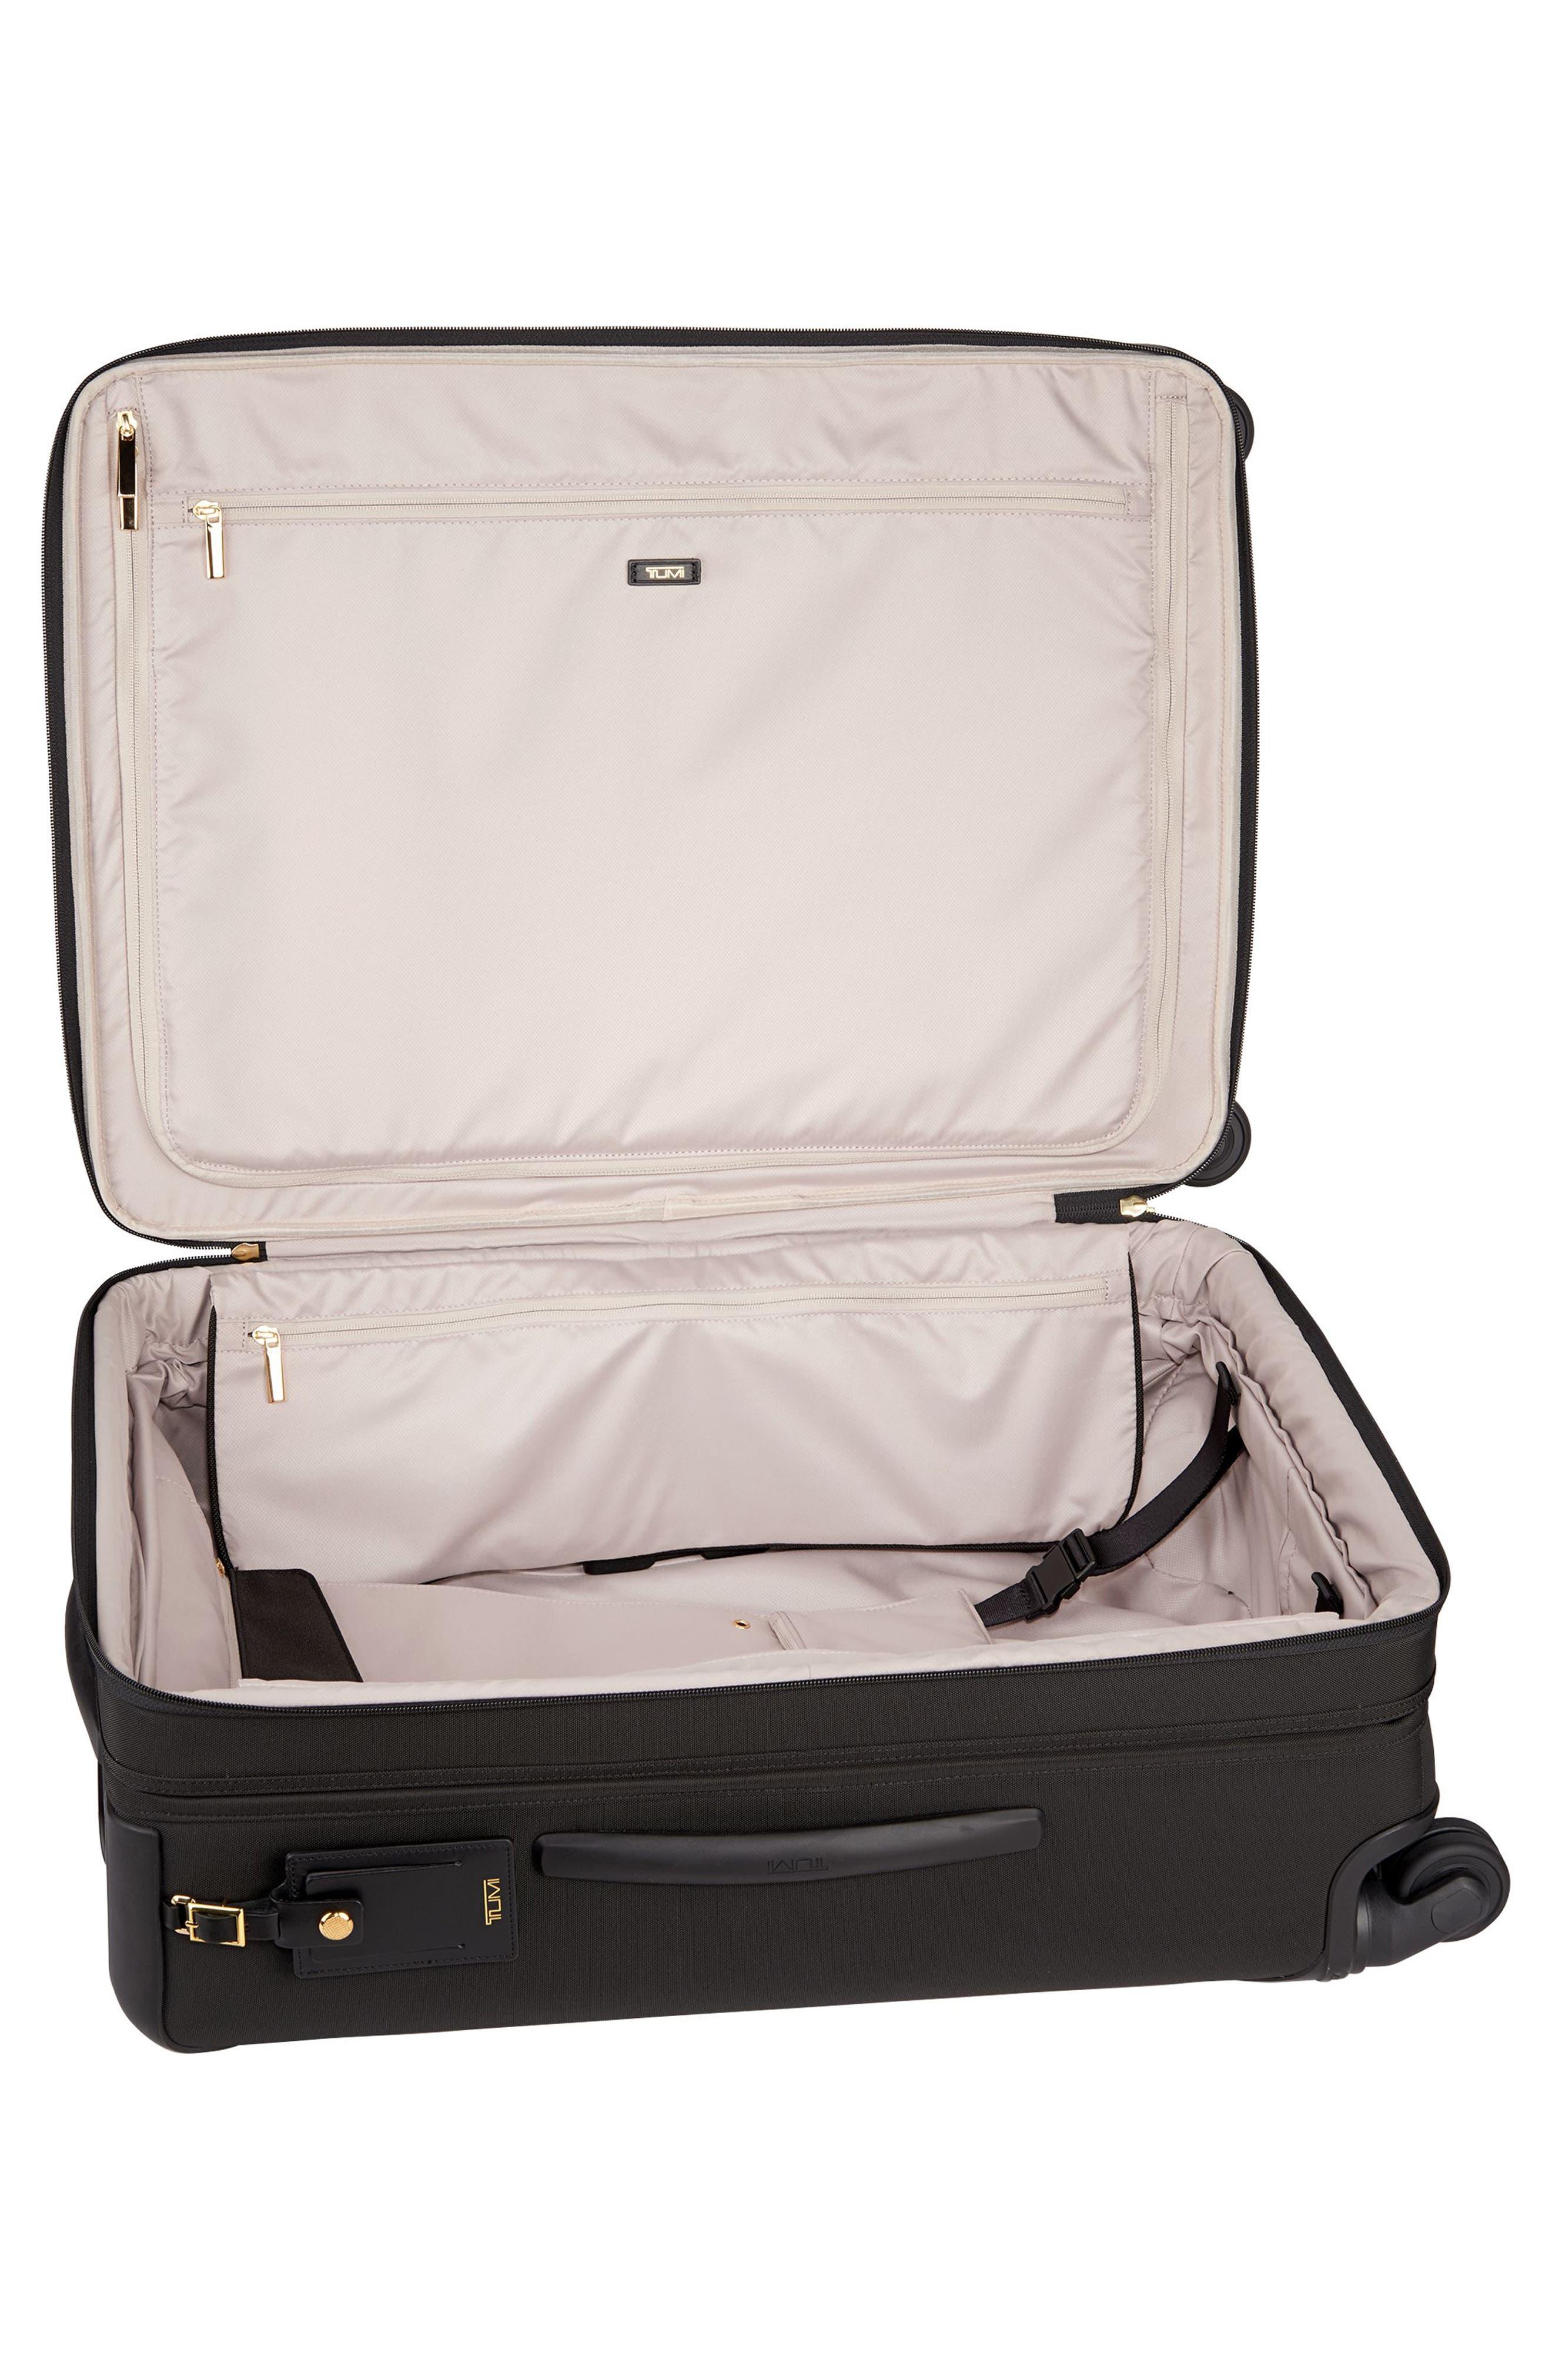 Larkin - Jess Short Trip 26-Inch Expandable 4-Wheel Suitcase,                             Alternate thumbnail 12, color,                             BLACK